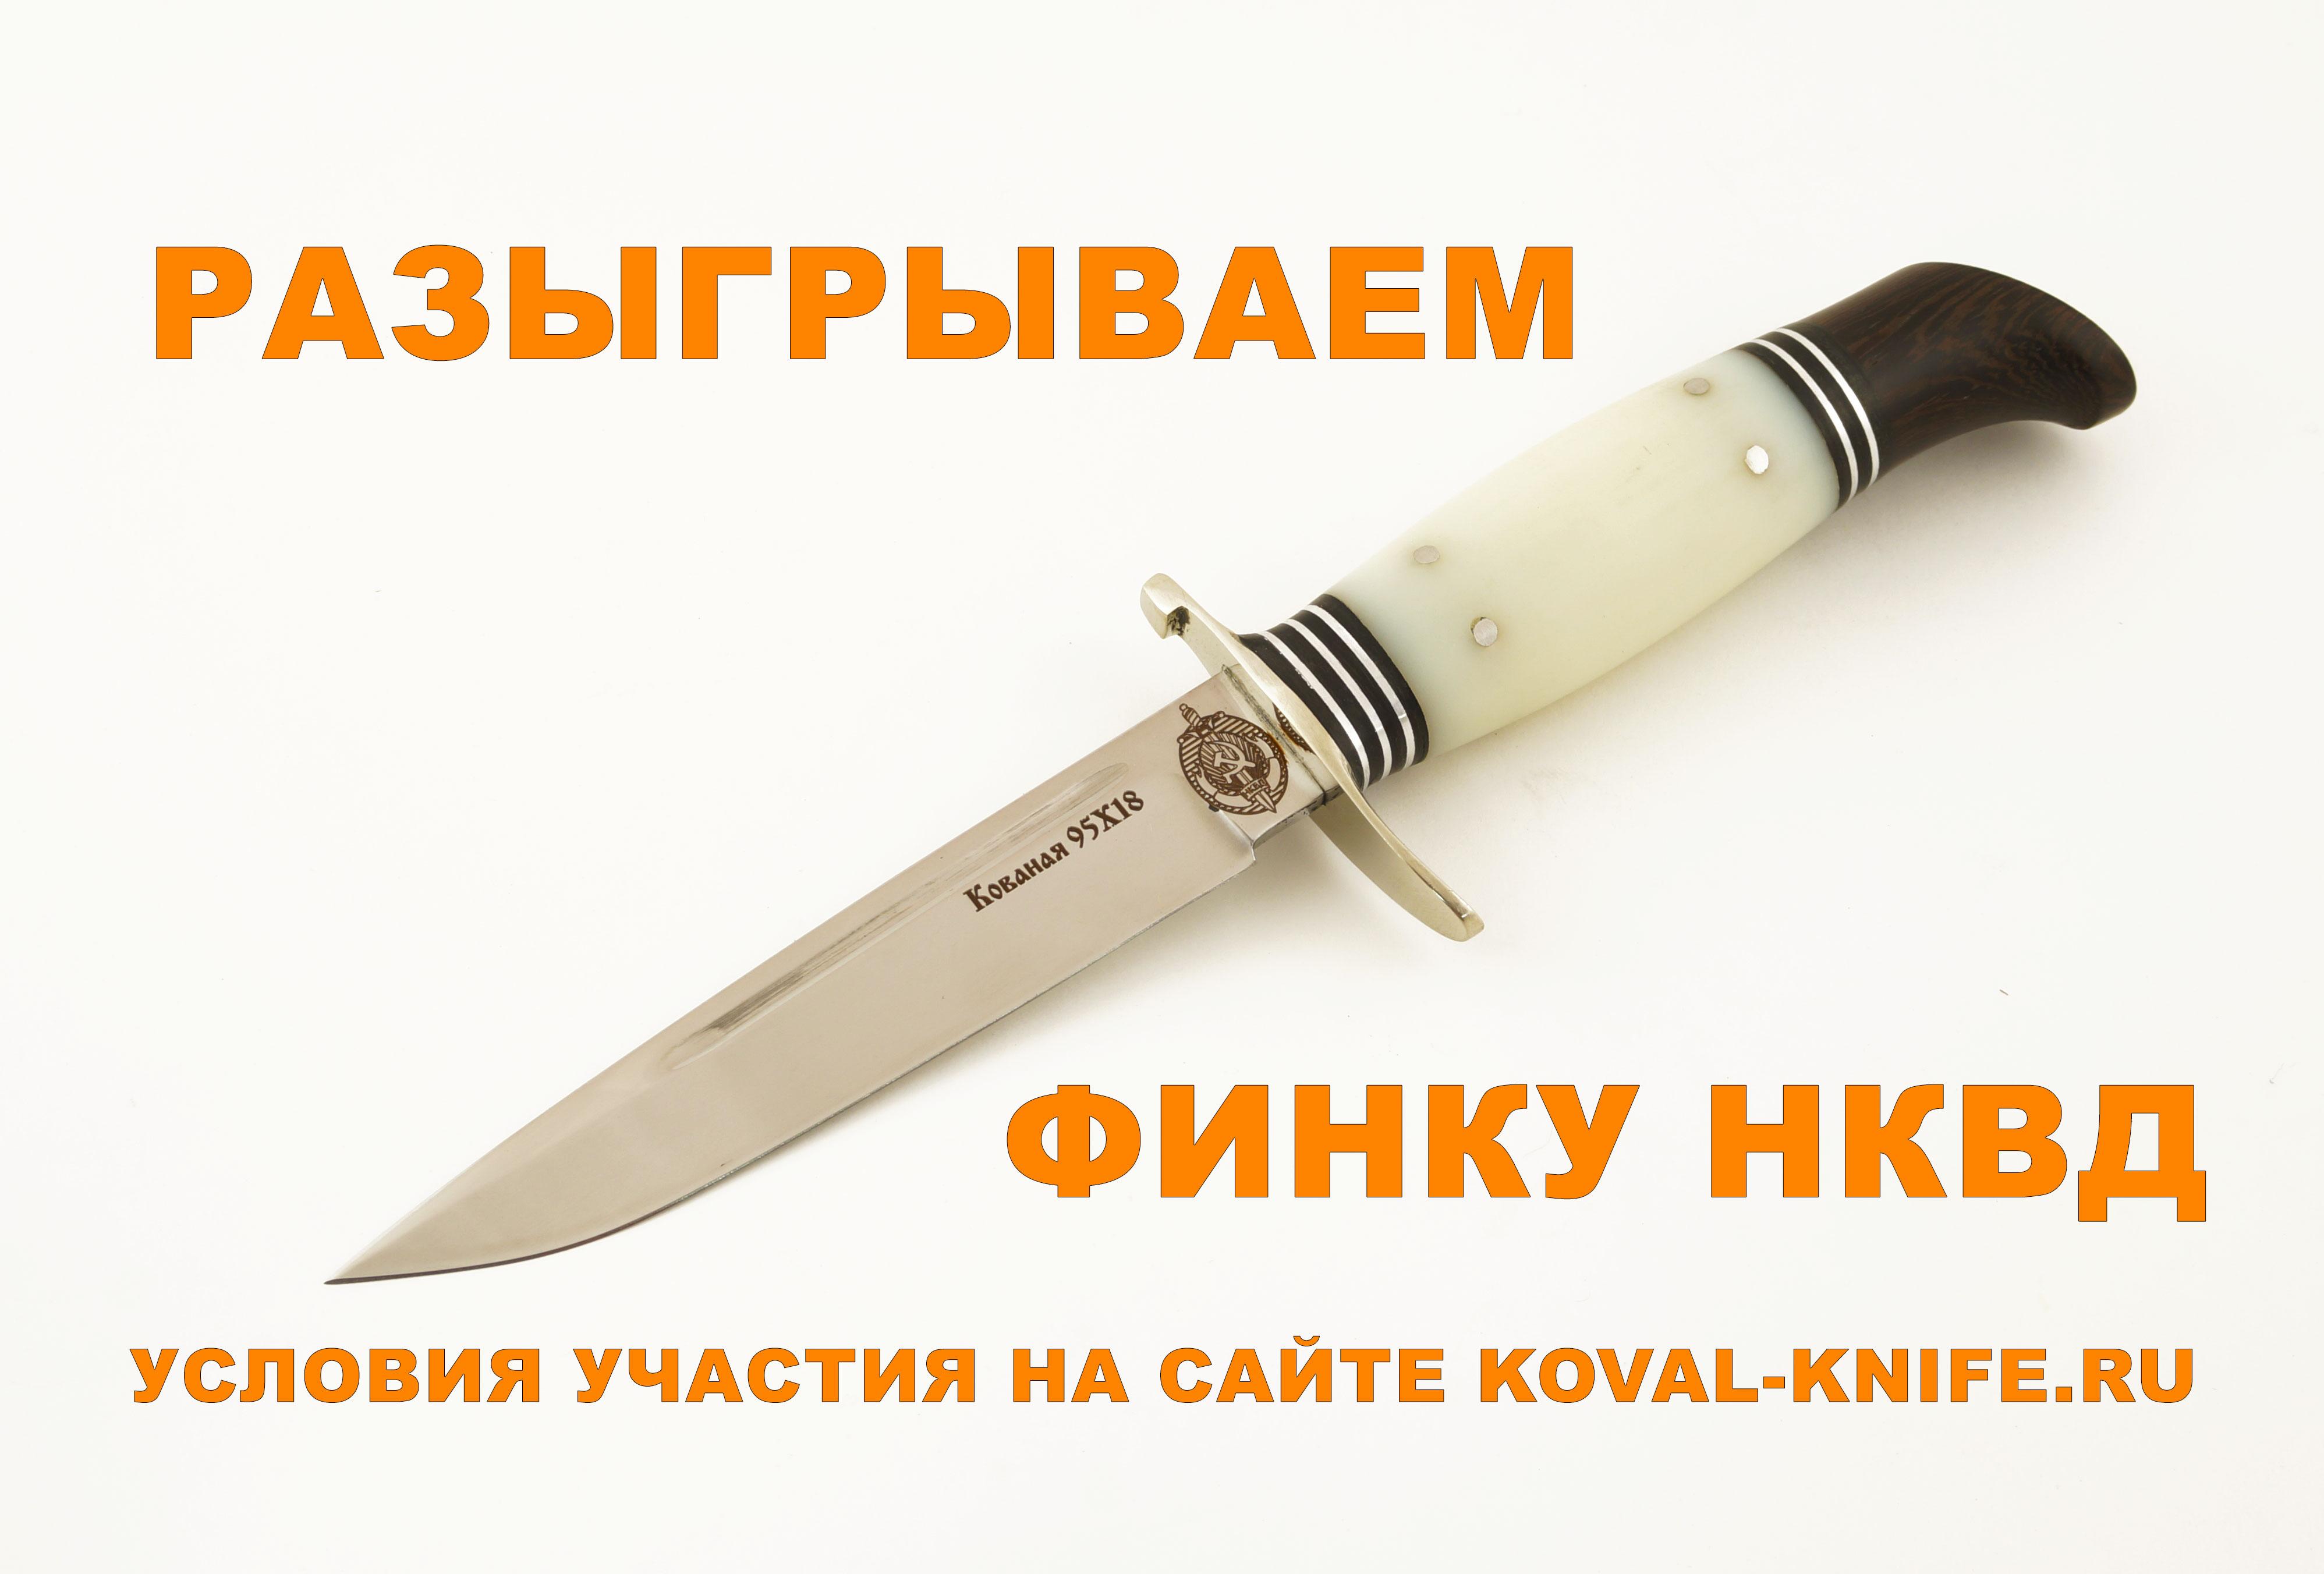 Розыгрыш ножа Финка НКВД от Кузницы Коваль